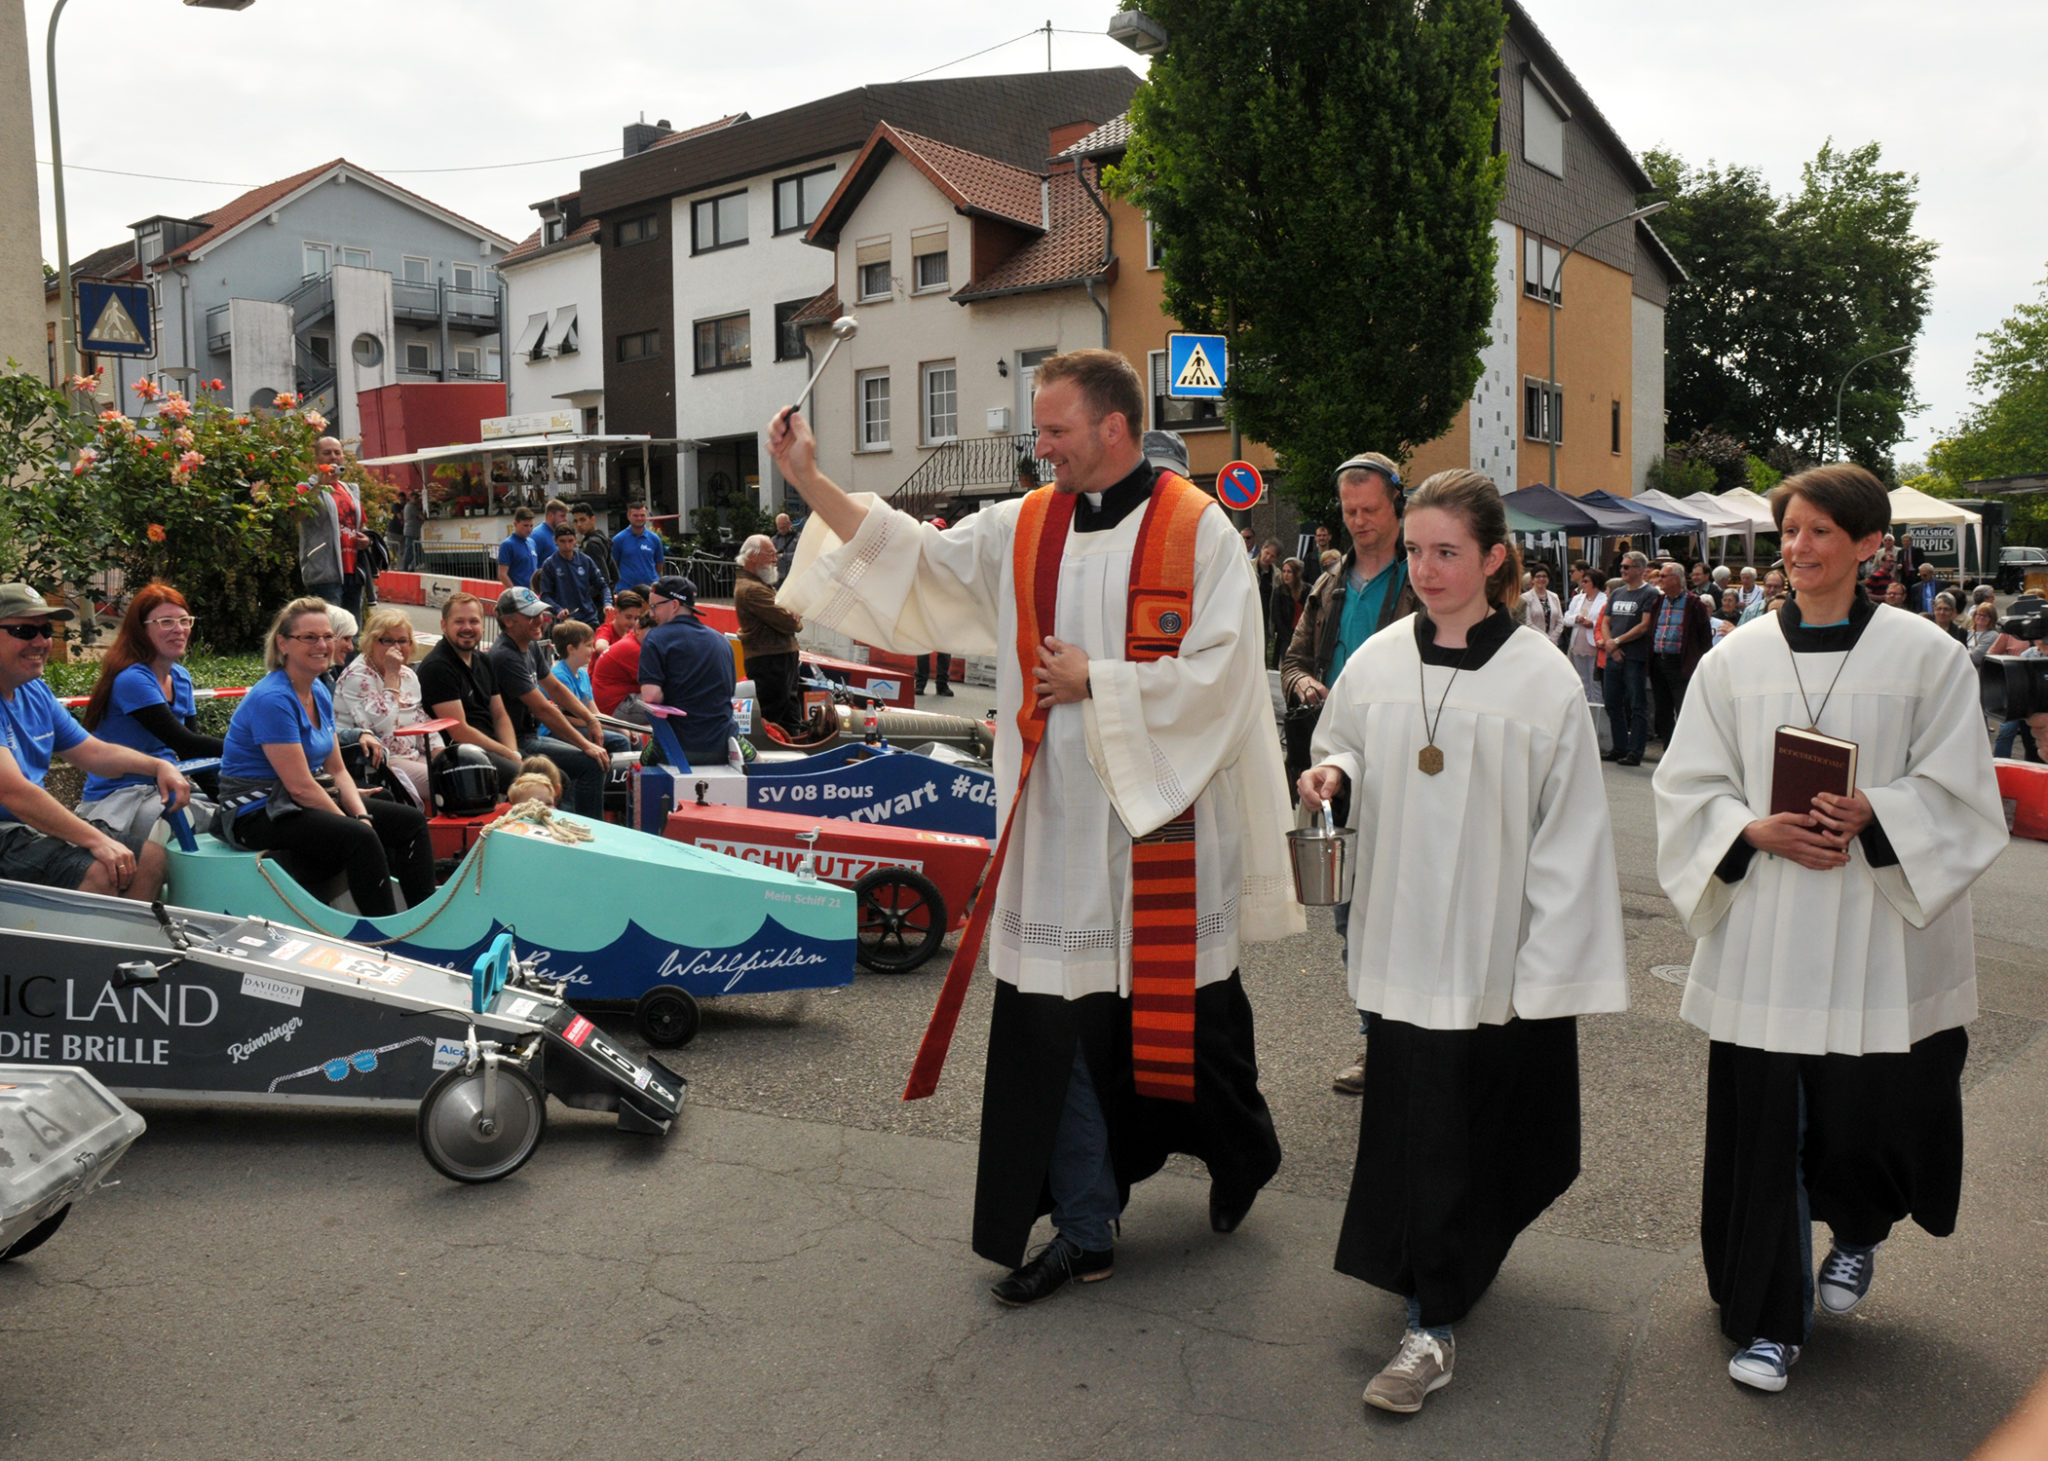 zu sehen sind zwei Messdiener und Pastor Dr. Frank Kleinjohann beim segnen der Seifenkisten nach dem Hochamt